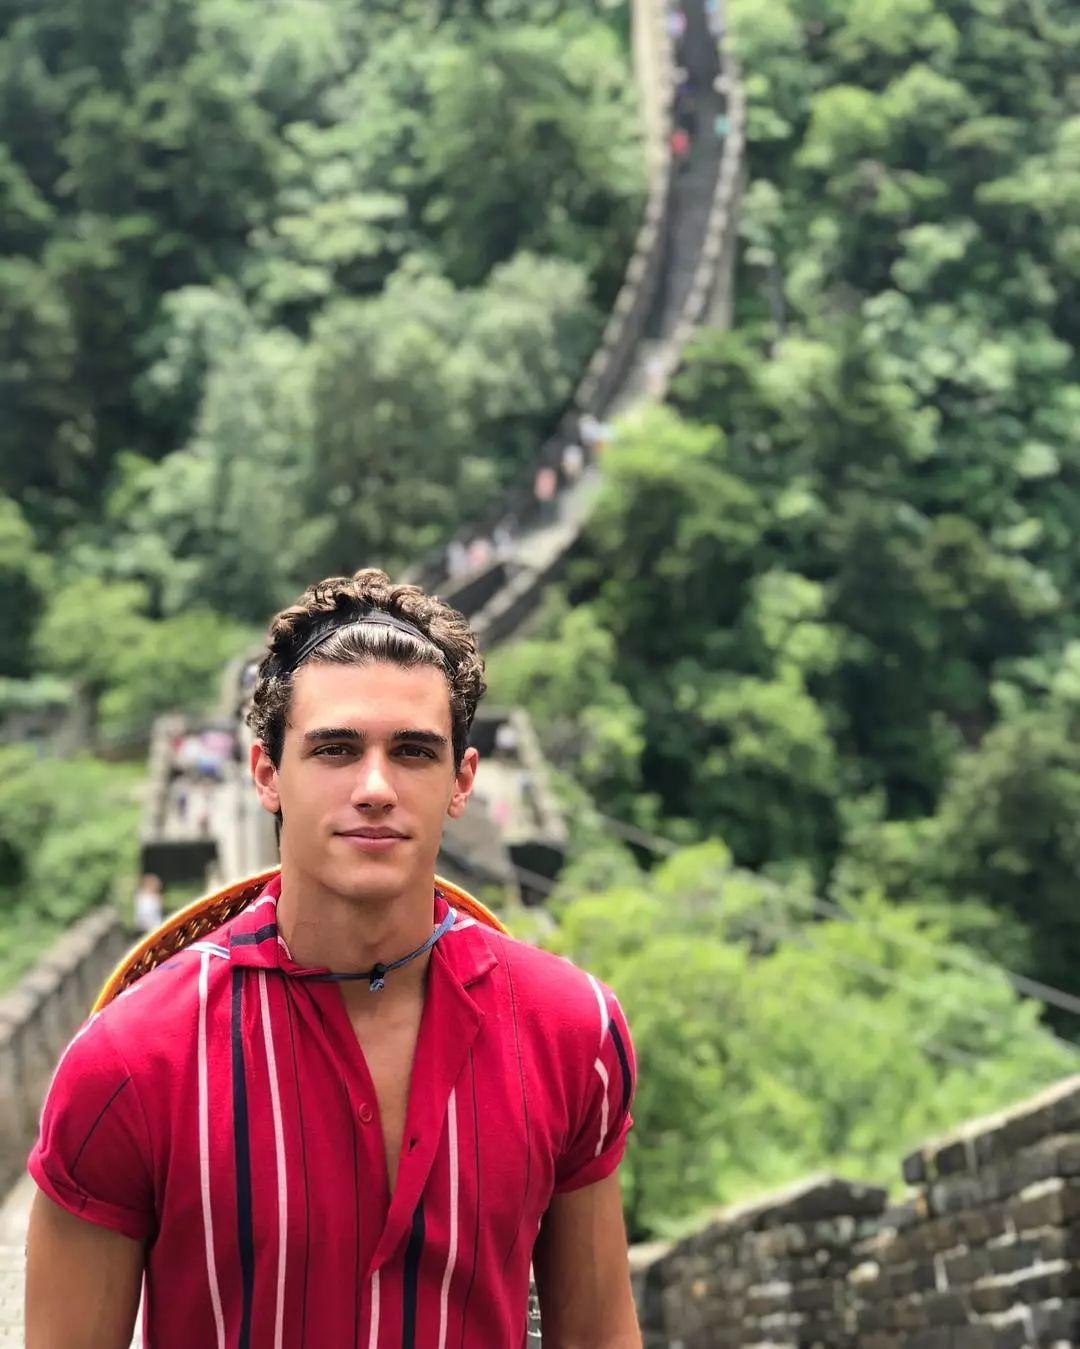 美颜天使Xavier Serrano在北京!帝都姐妹快去偶遇!